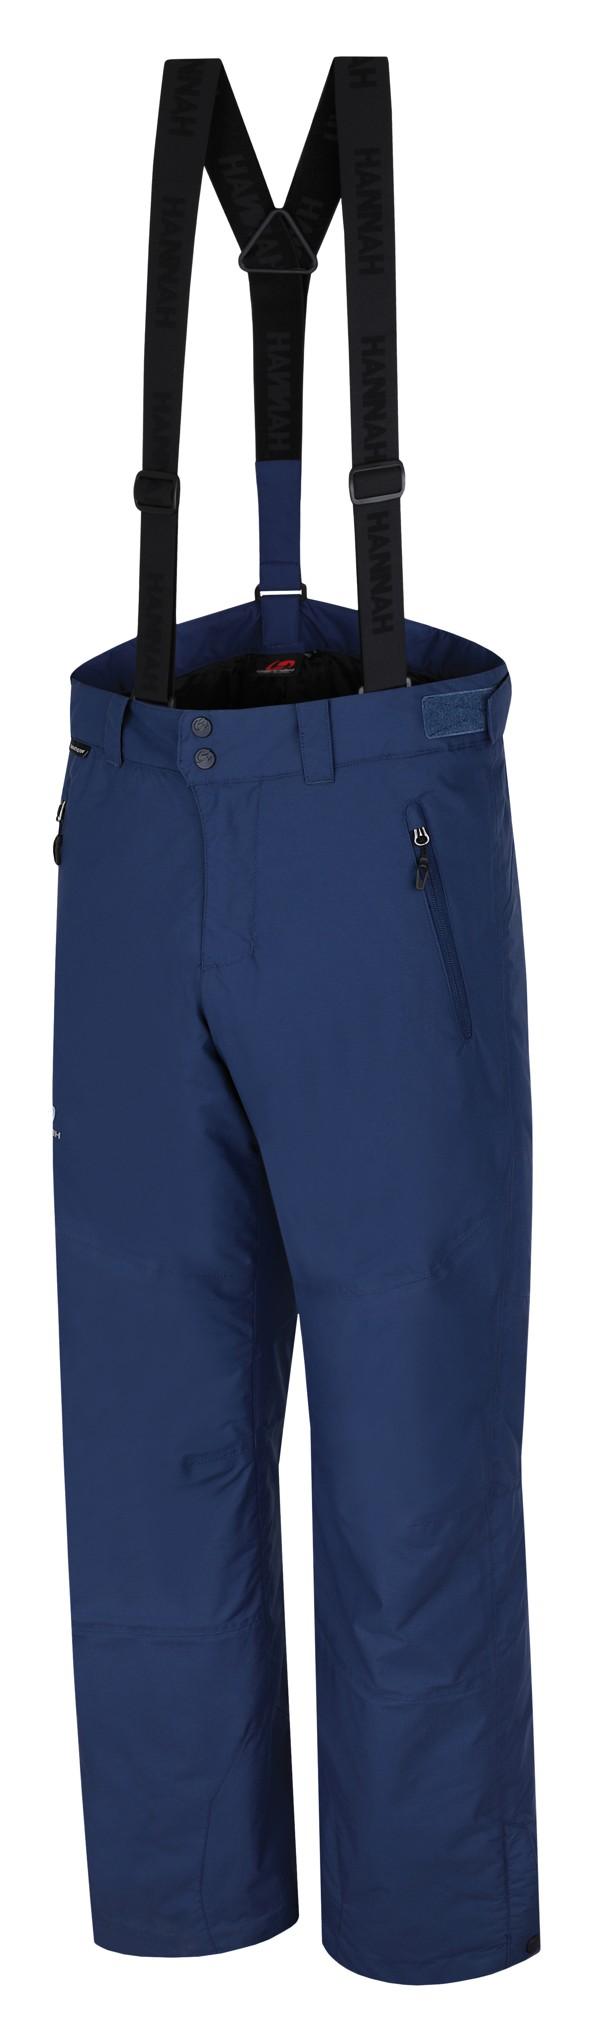 Pantaloni schi barbati Hannah Grant Bleumarin imagine